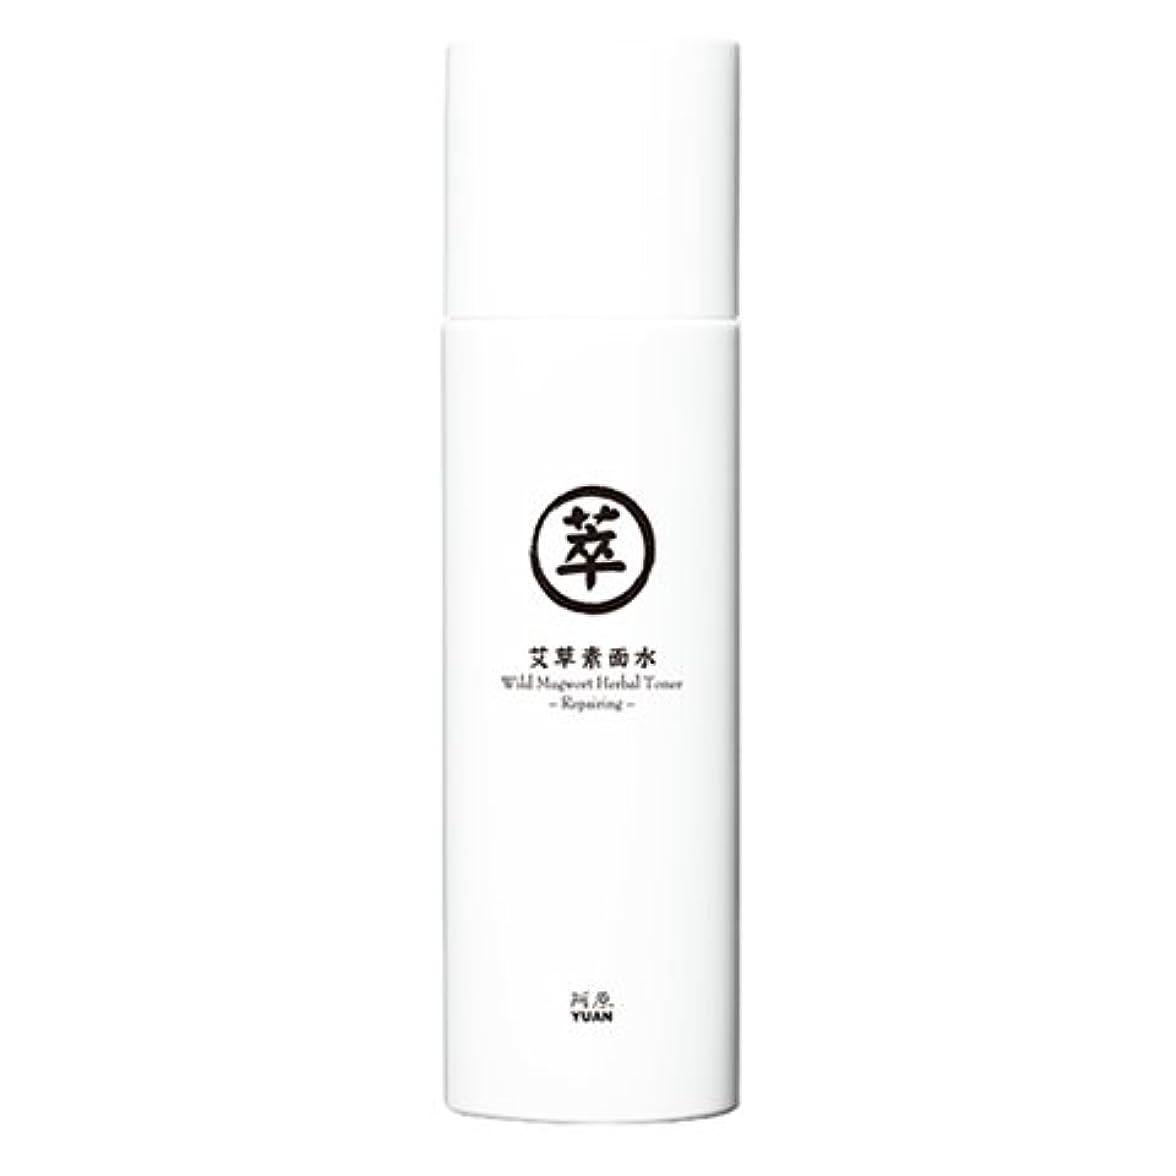 オール仲良し雲ユアン(YUAN)ヨモギ化粧水 150ml(阿原 ユアンソープ 台湾コスメ)